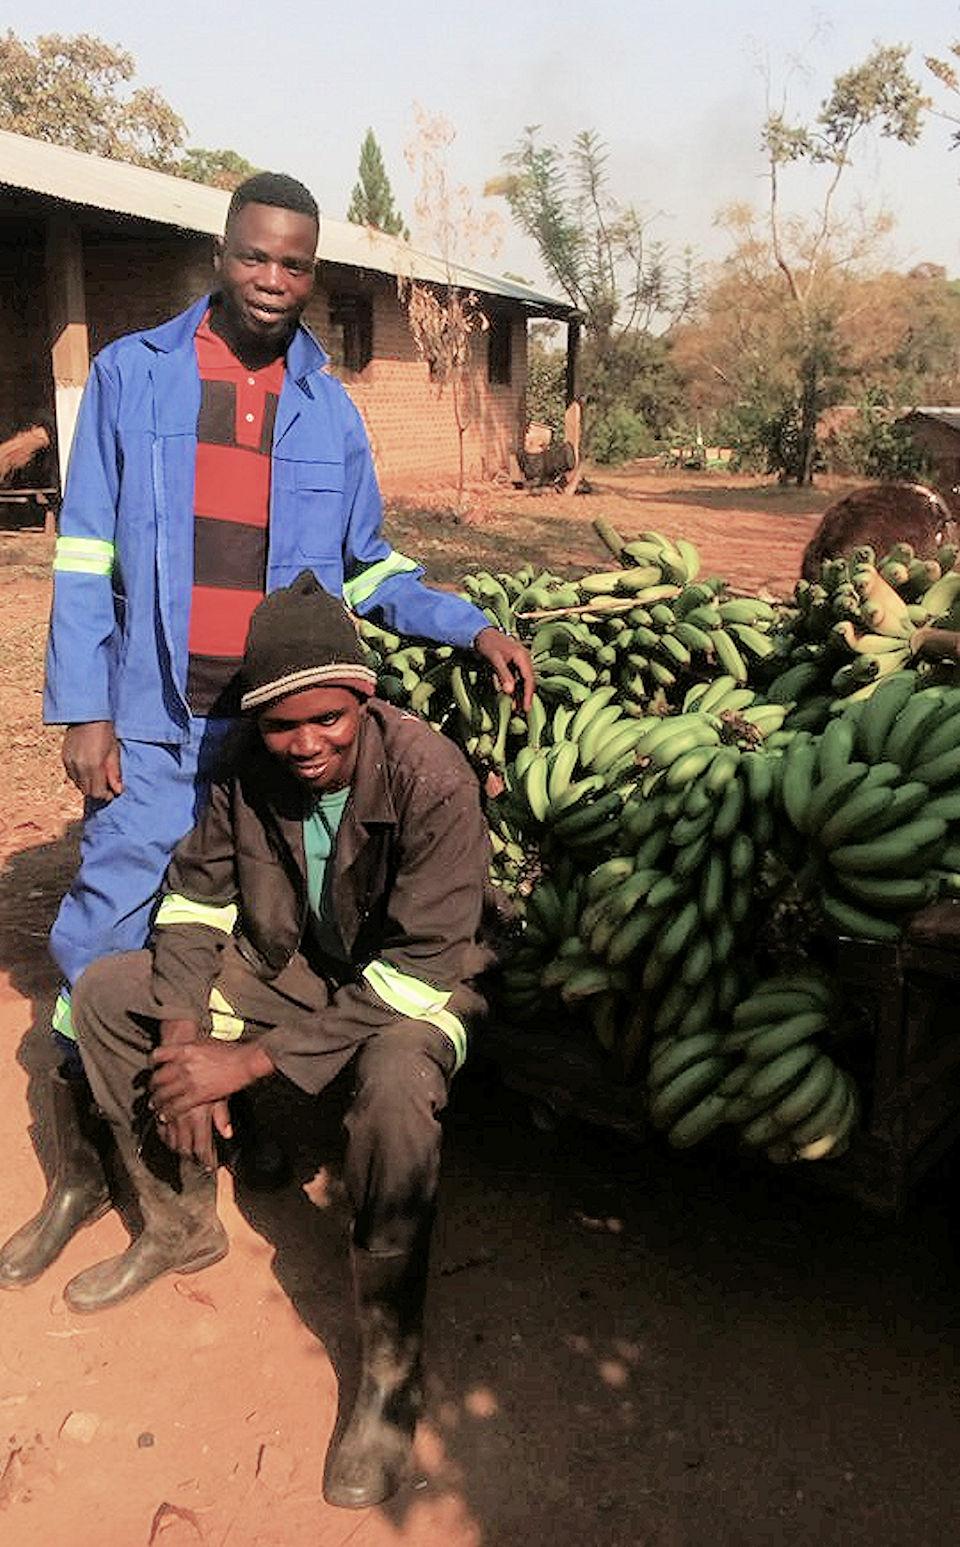 Banana harvest in Zambia